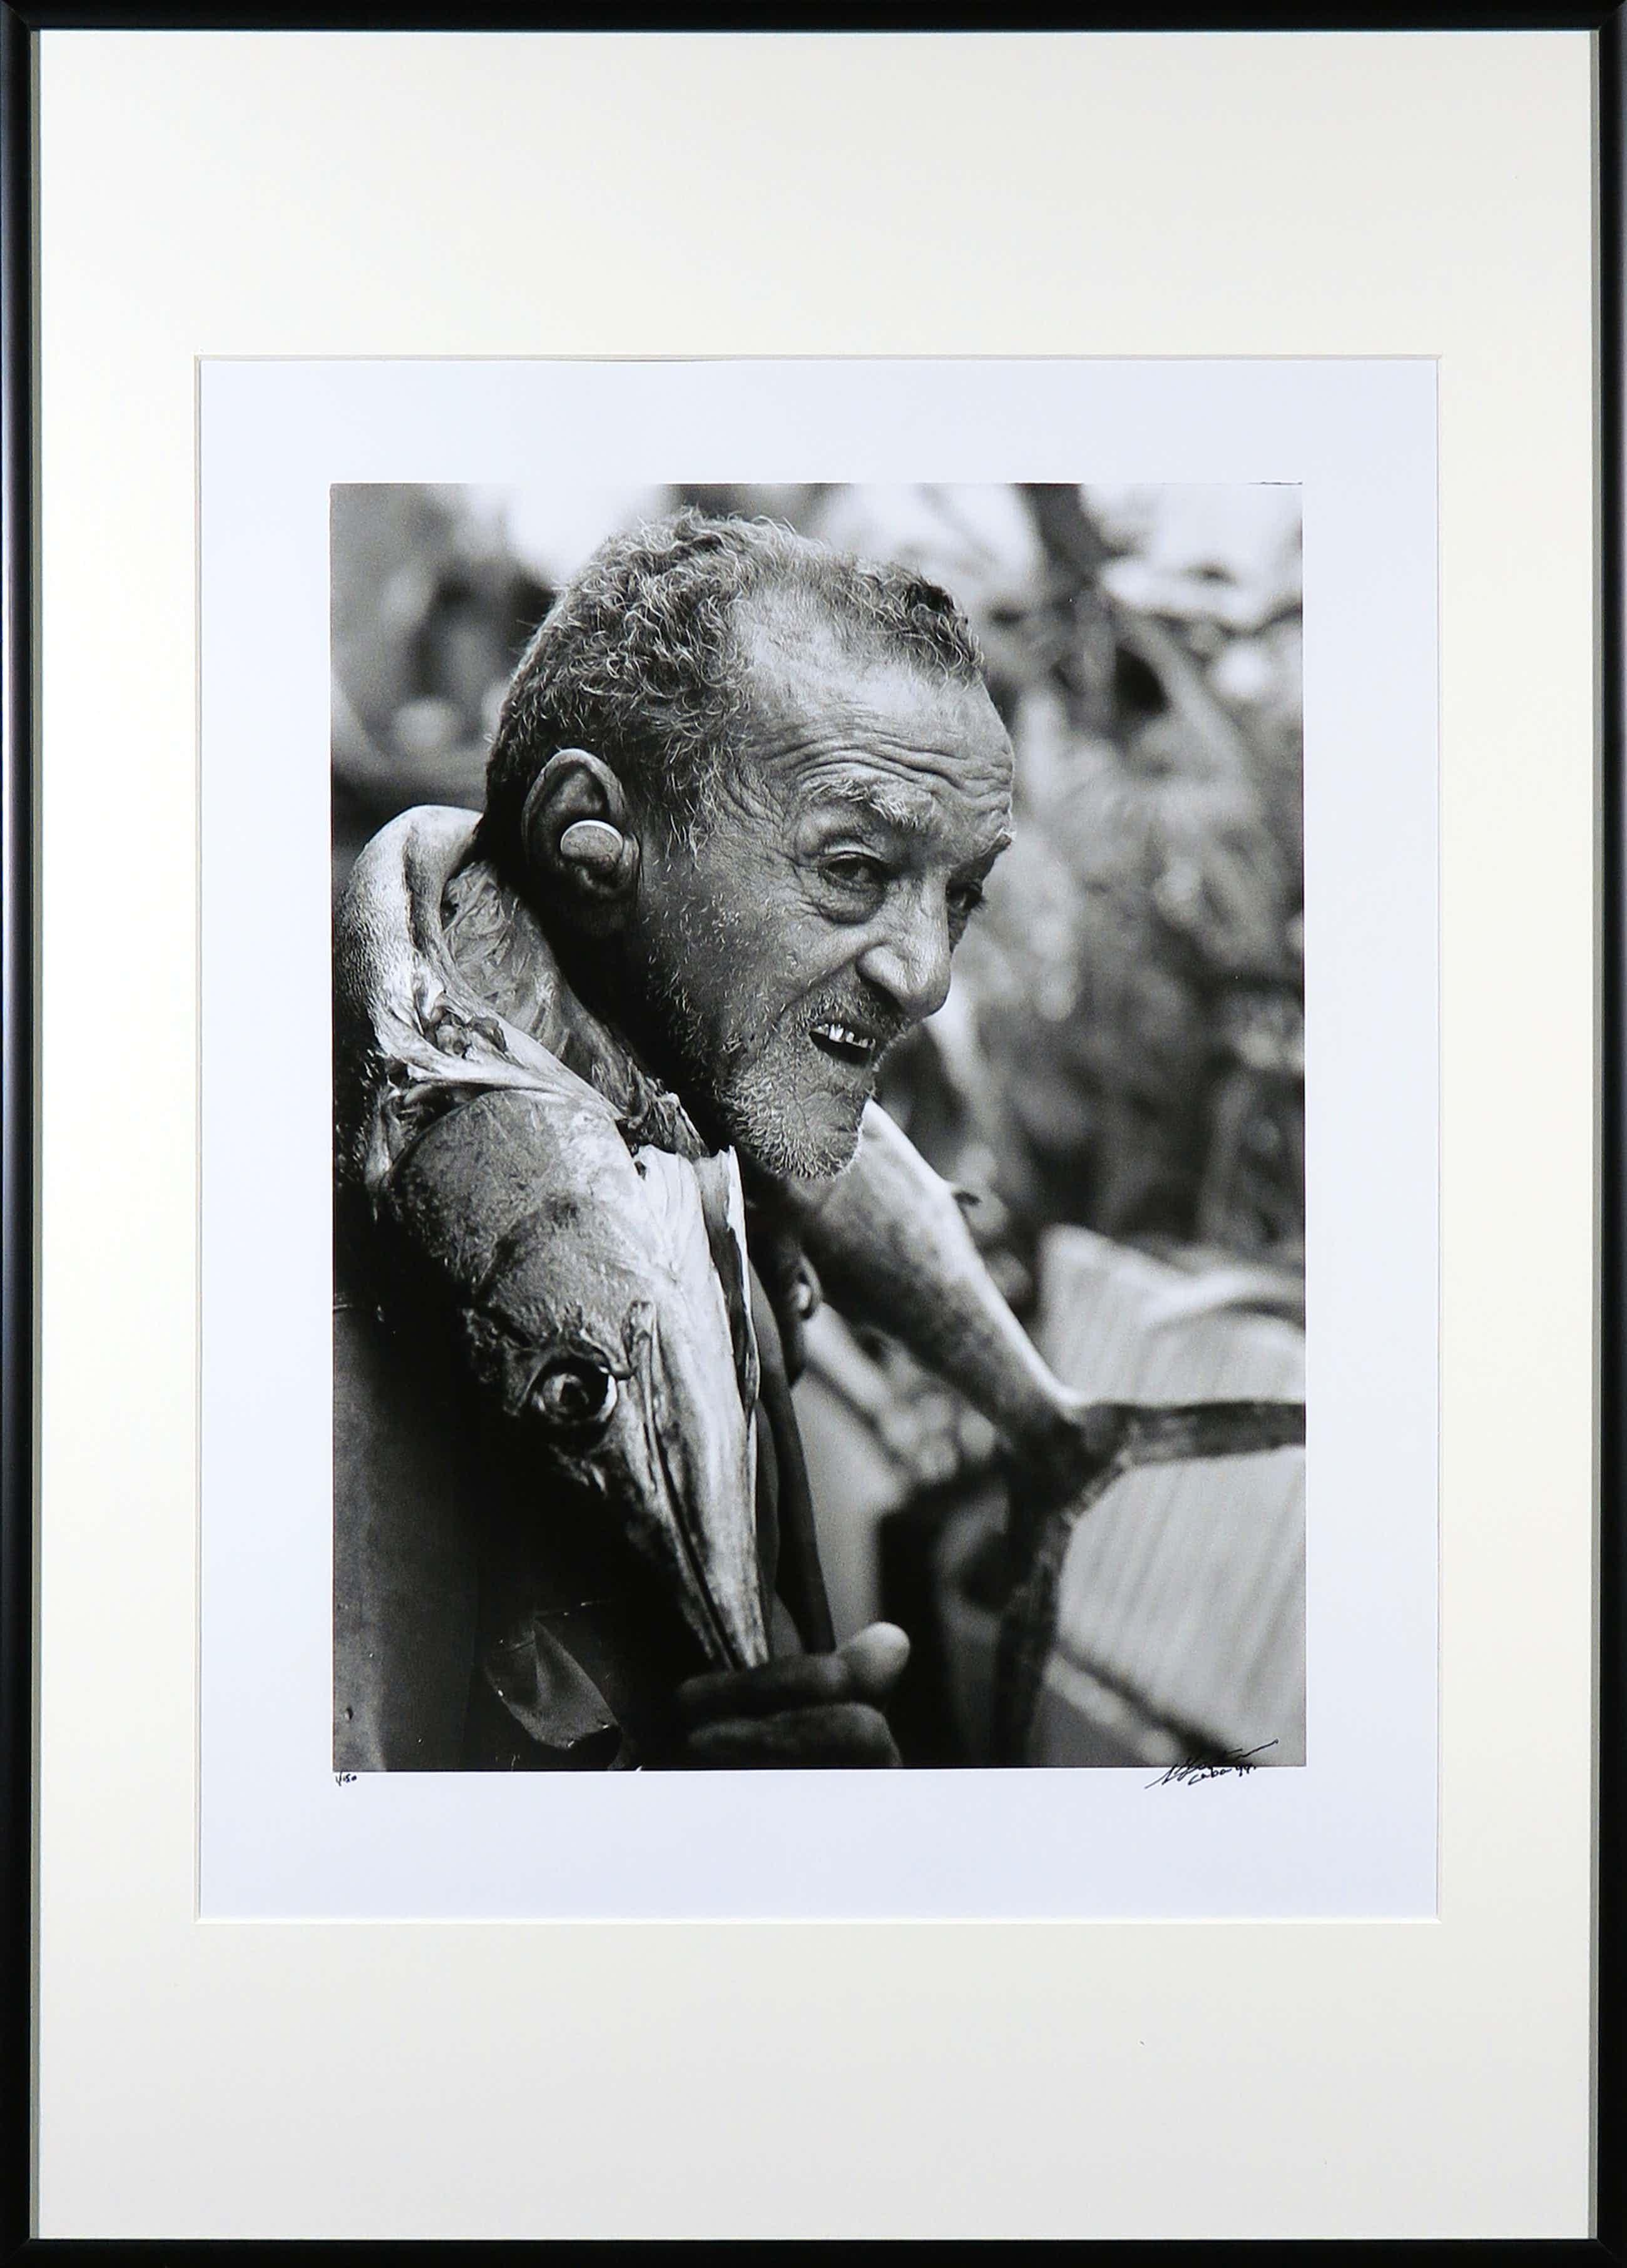 Nico Koster - Foto, Cubaanse visser - Ingelijst kopen? Bied vanaf 60!